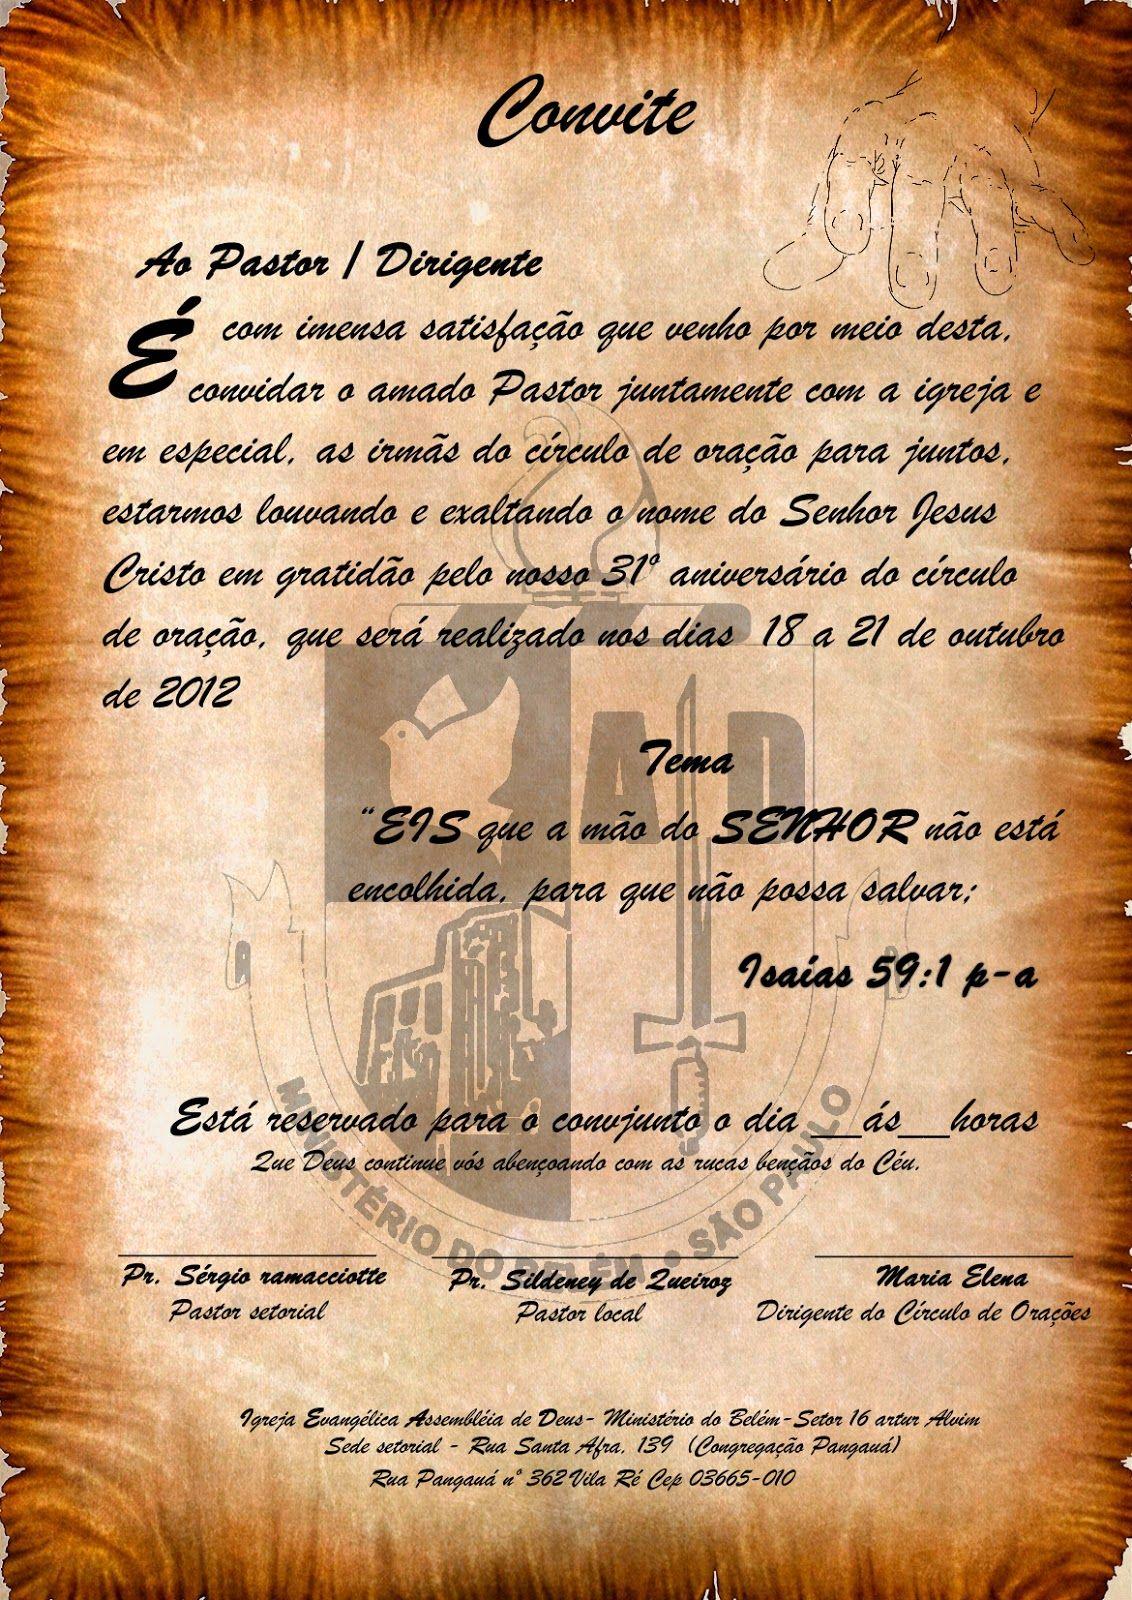 Resultado De Imagem Para Carta Convite Para Igreja Com Imagens